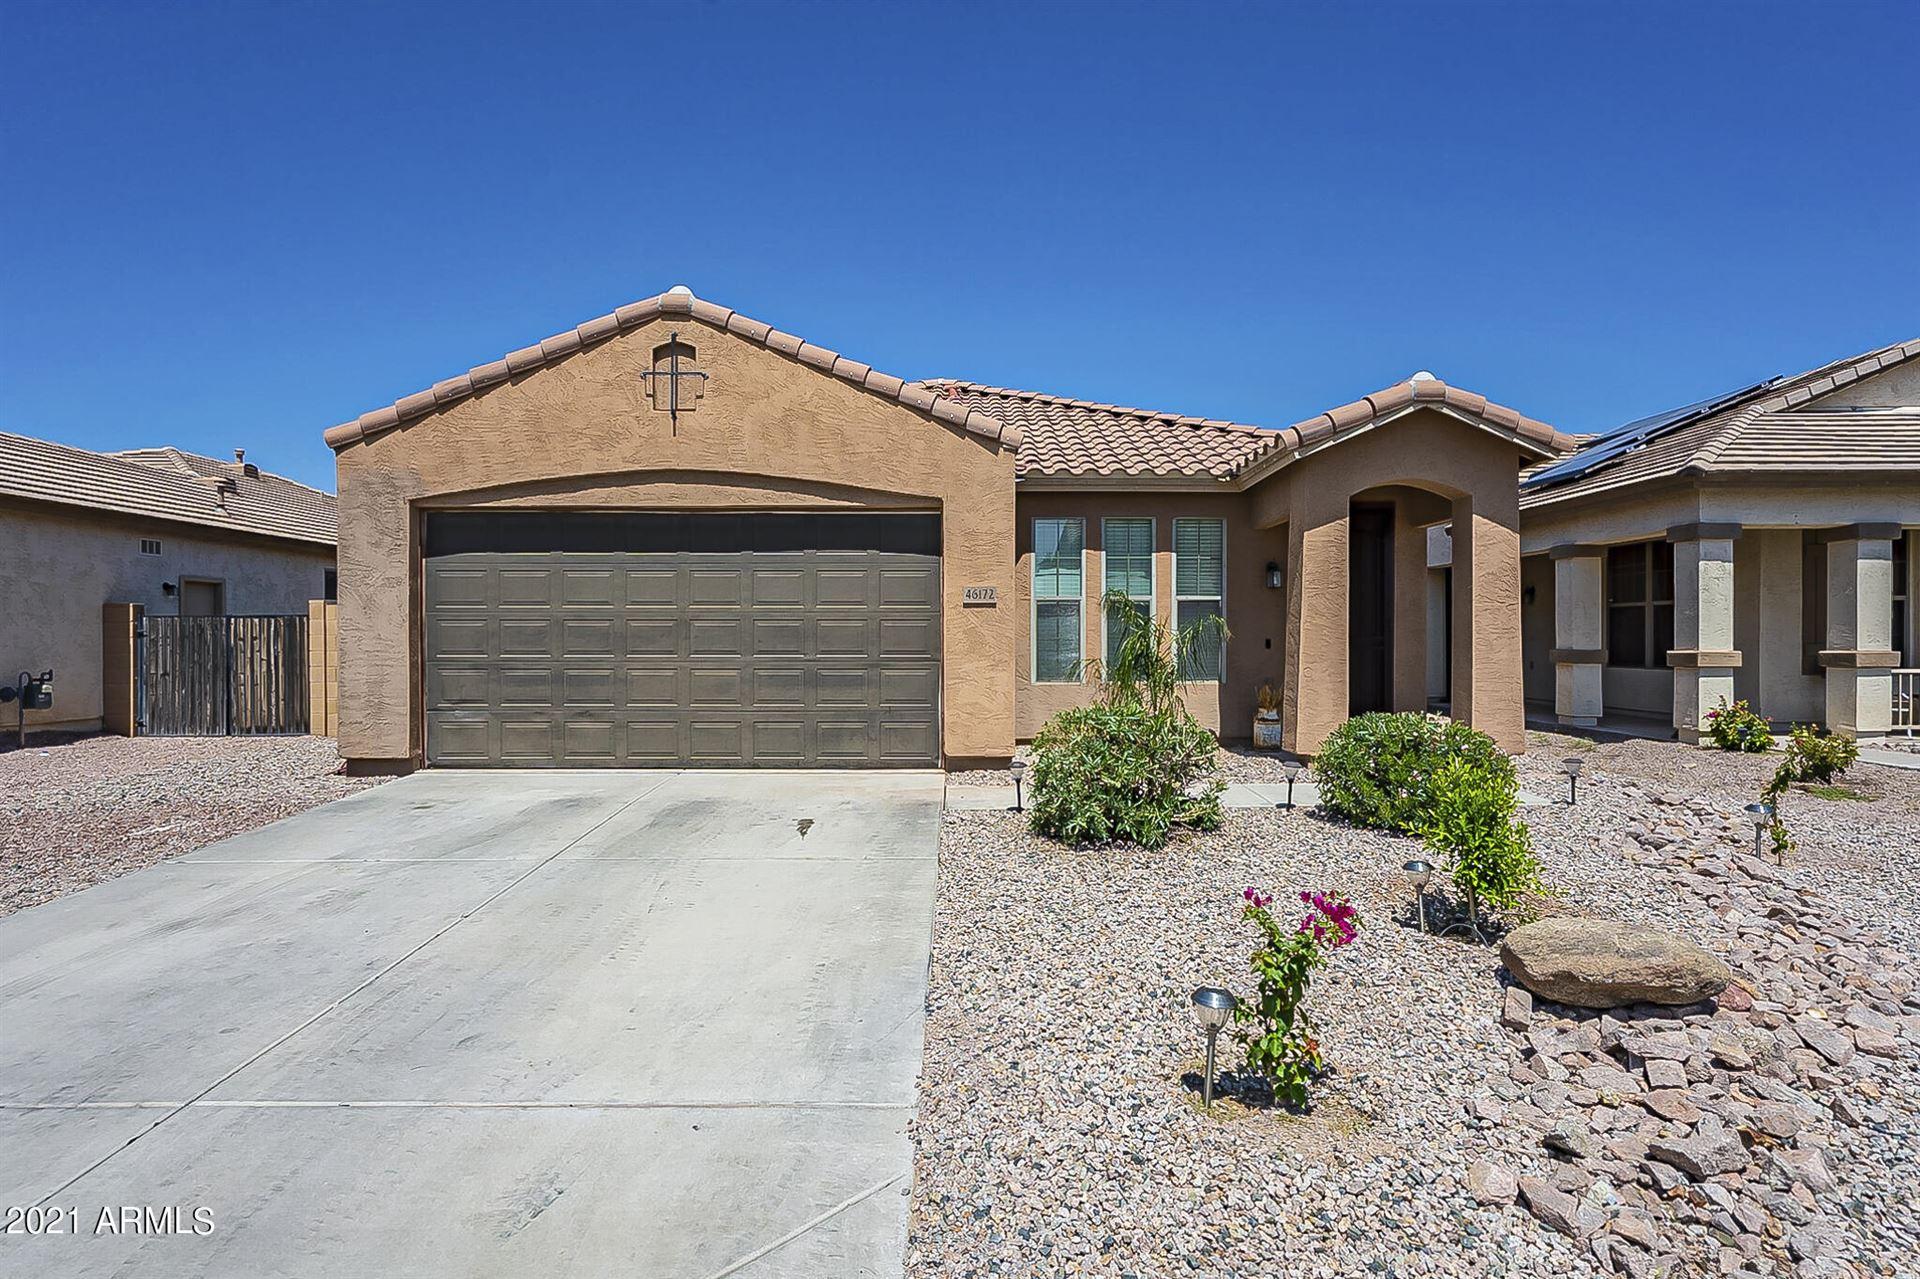 Photo for 46172 W KRISTINA Way, Maricopa, AZ 85139 (MLS # 6285017)